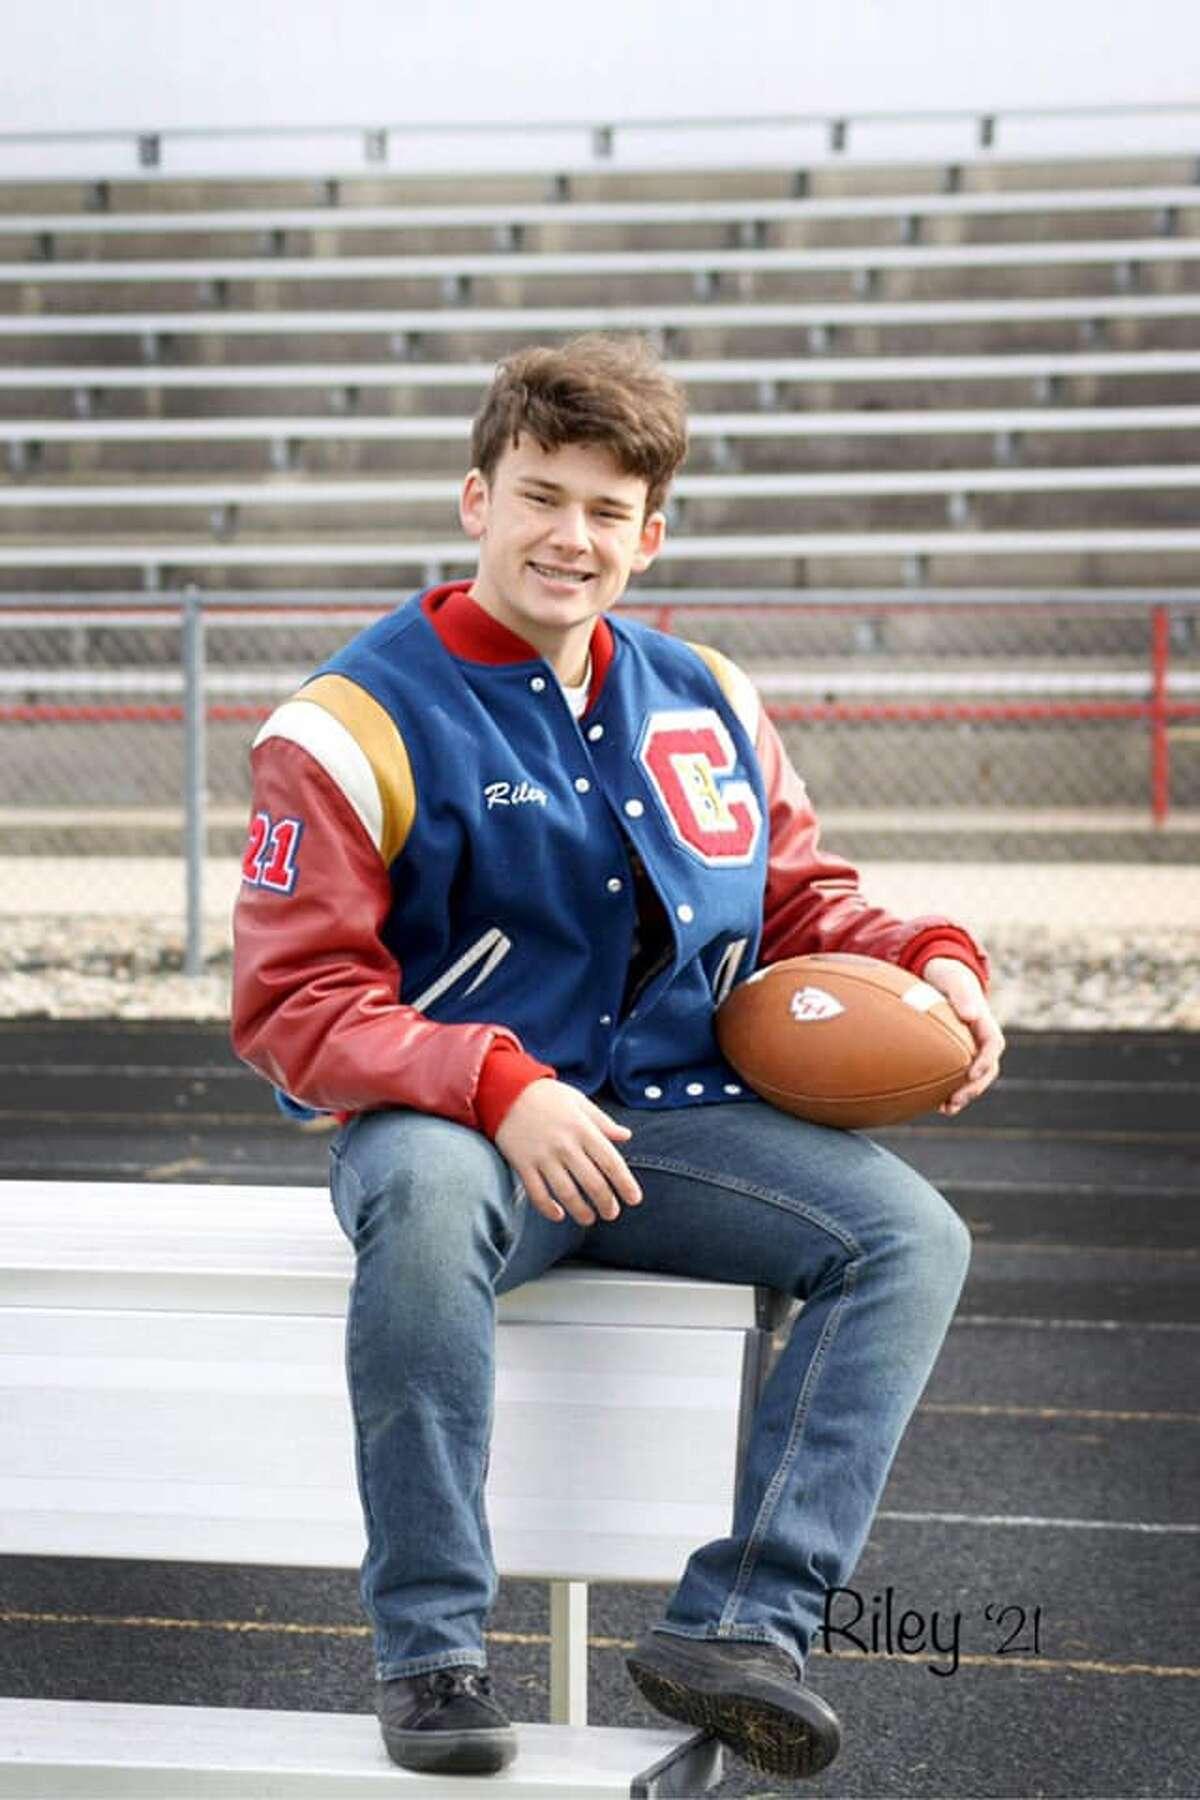 William Greene (Riley), Chippewa Hills High School